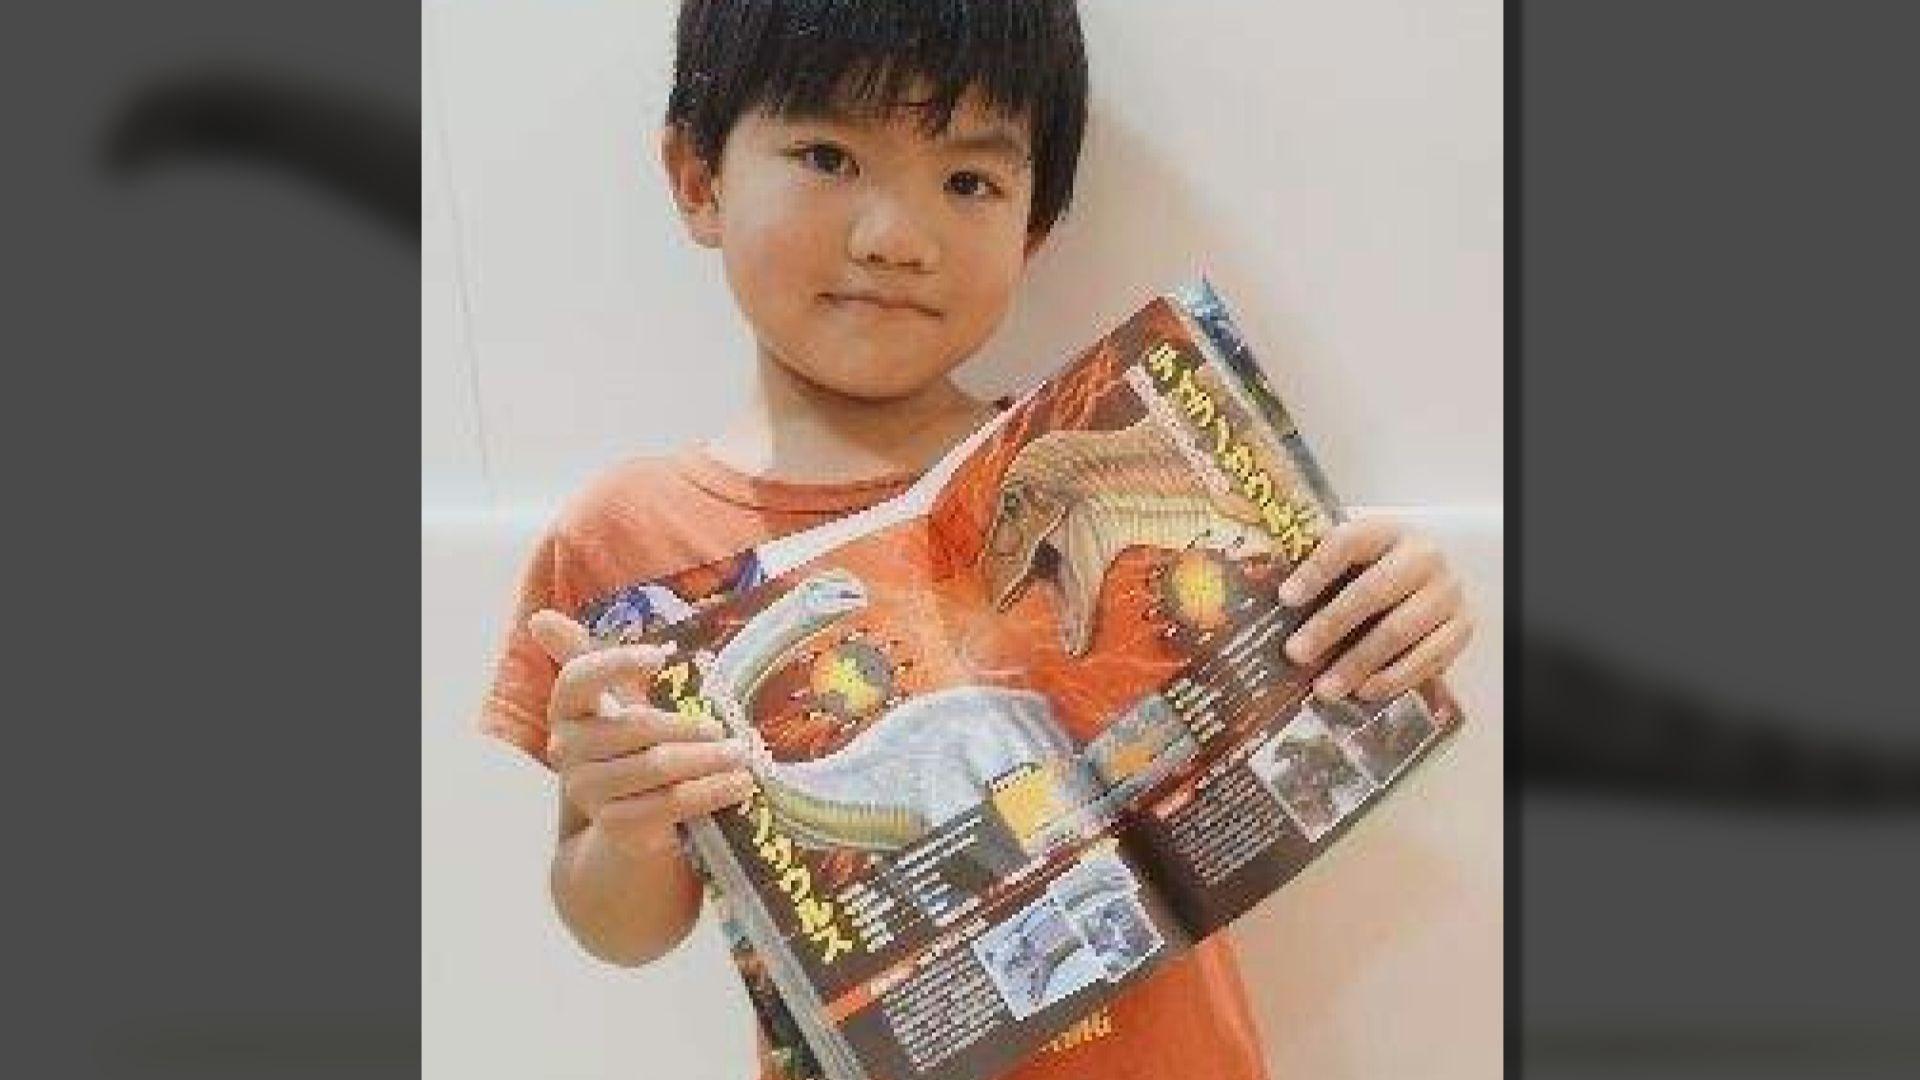 【環球薈報】日本六歲男童發現人氣恐龍圖鑑出錯